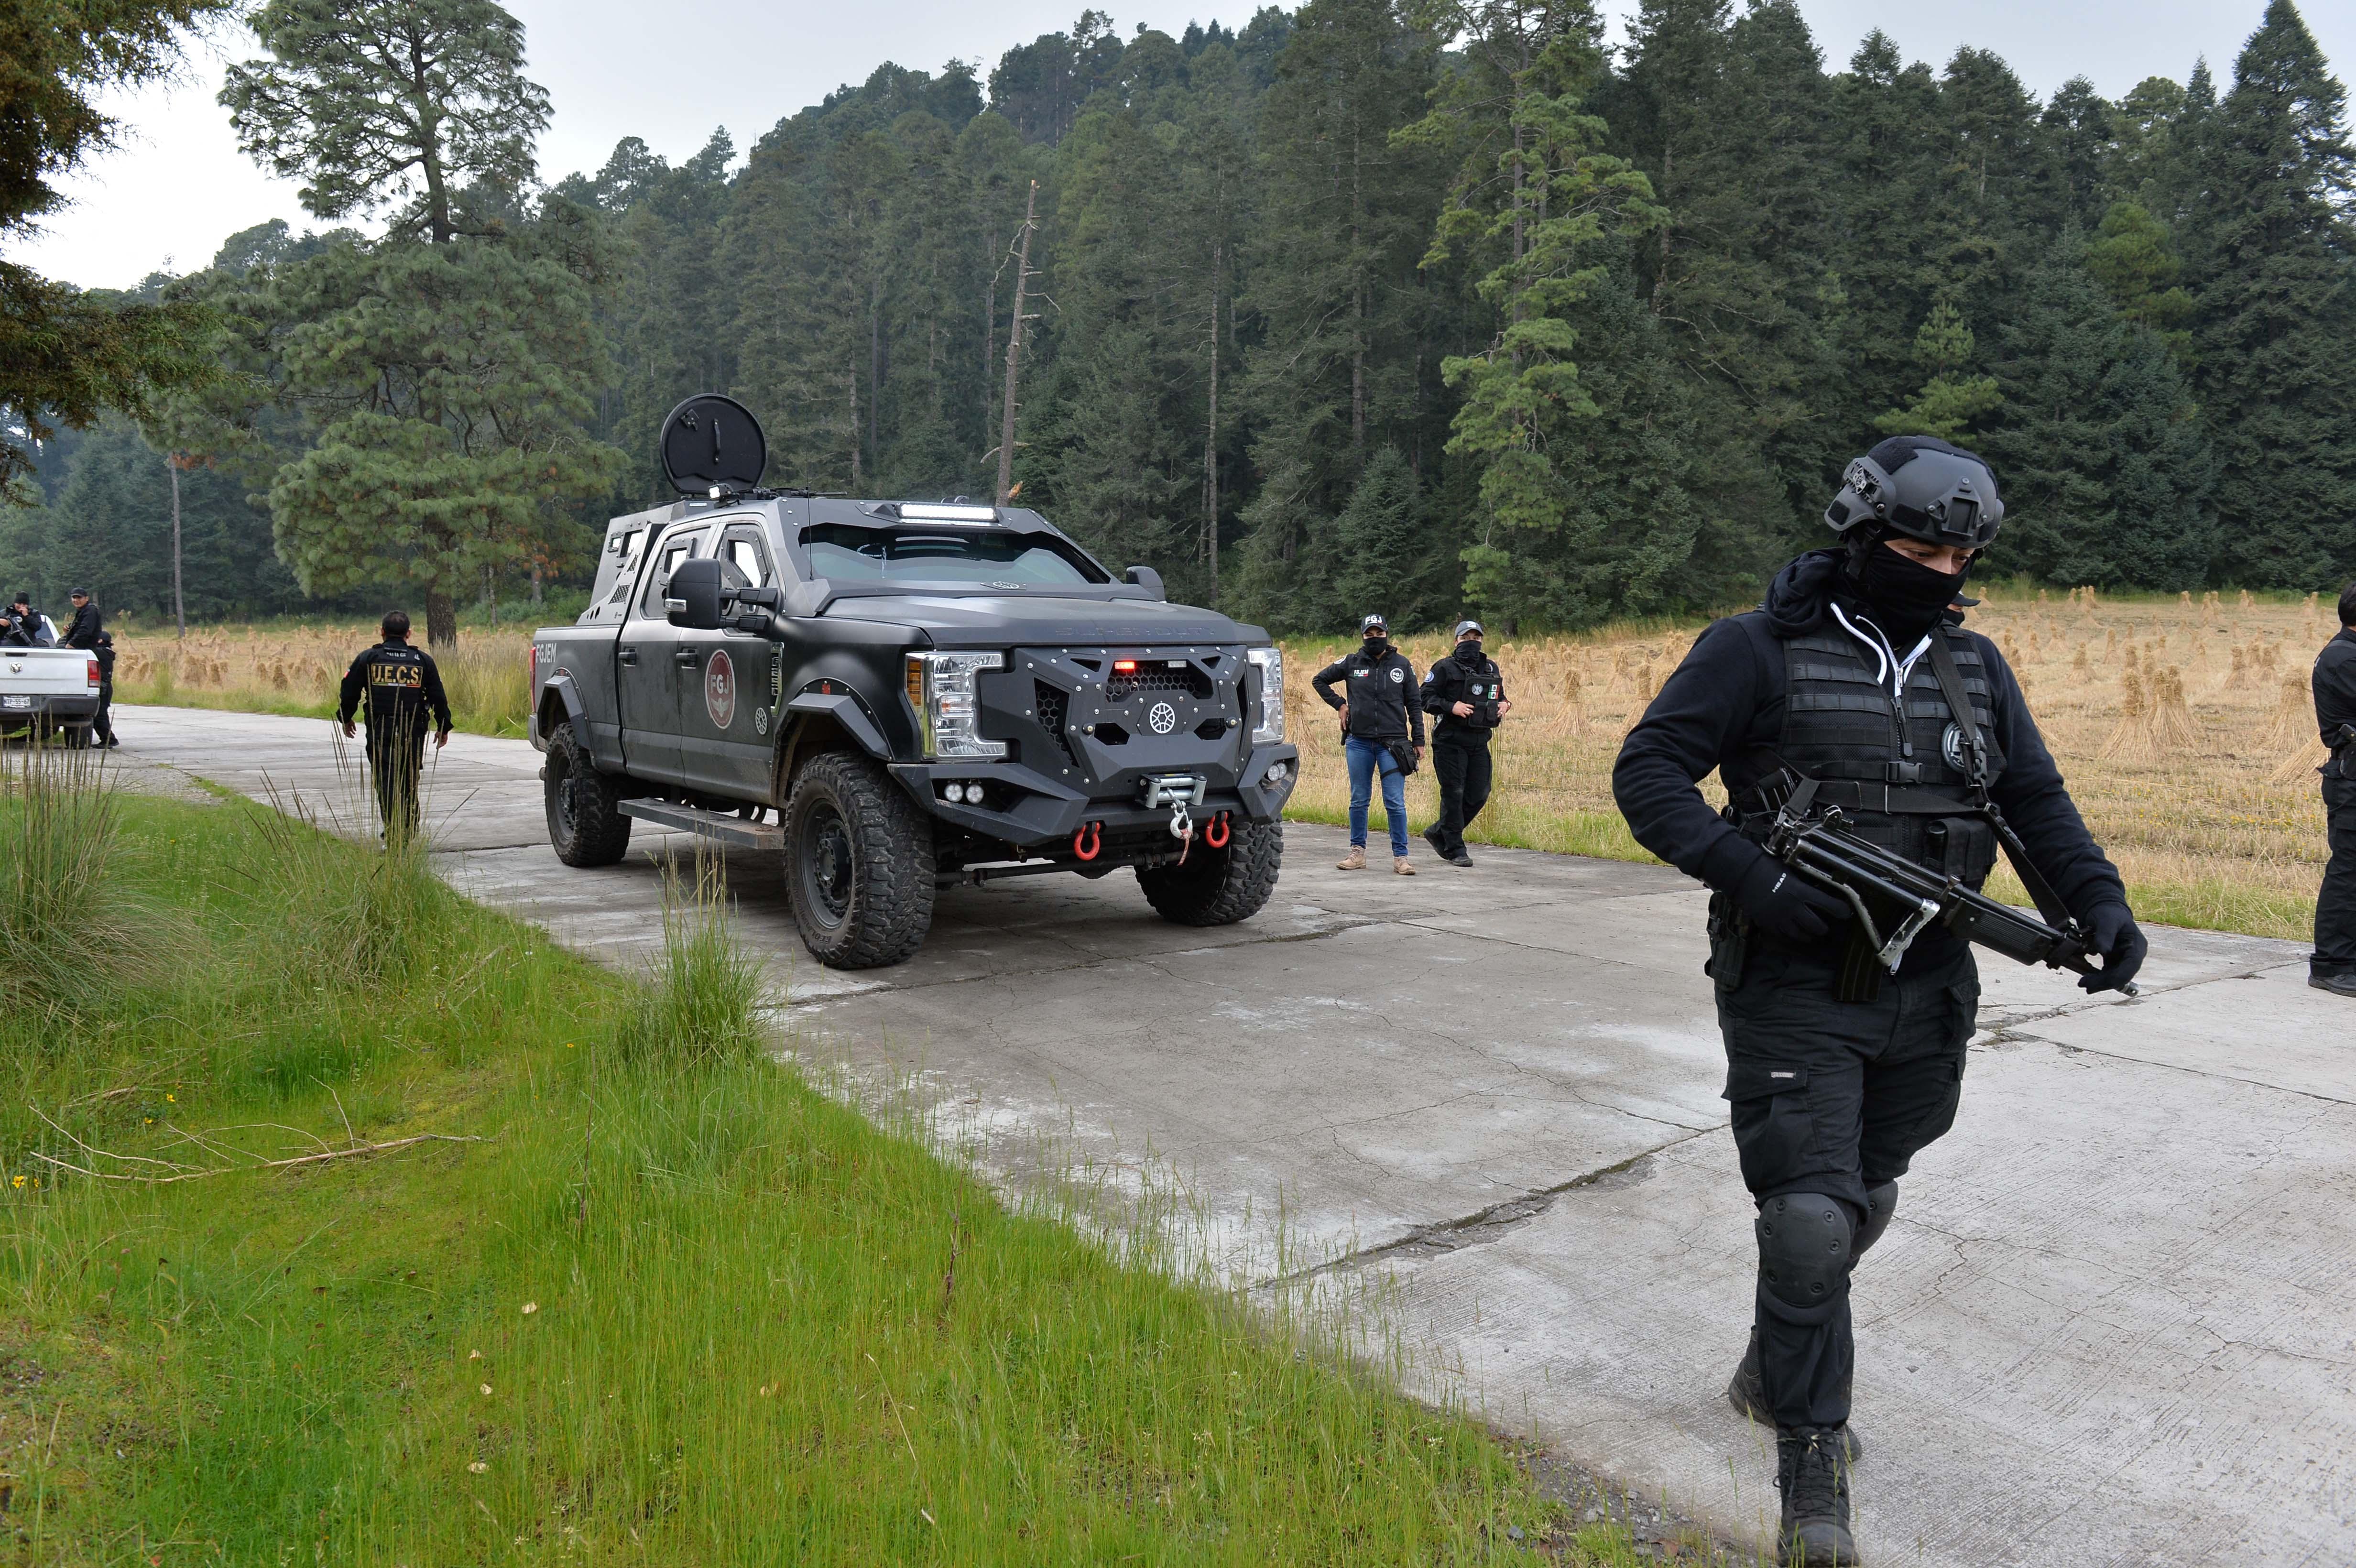 Agyonlőttek, majd felgyújtottak négy rendőrt Mexikóban